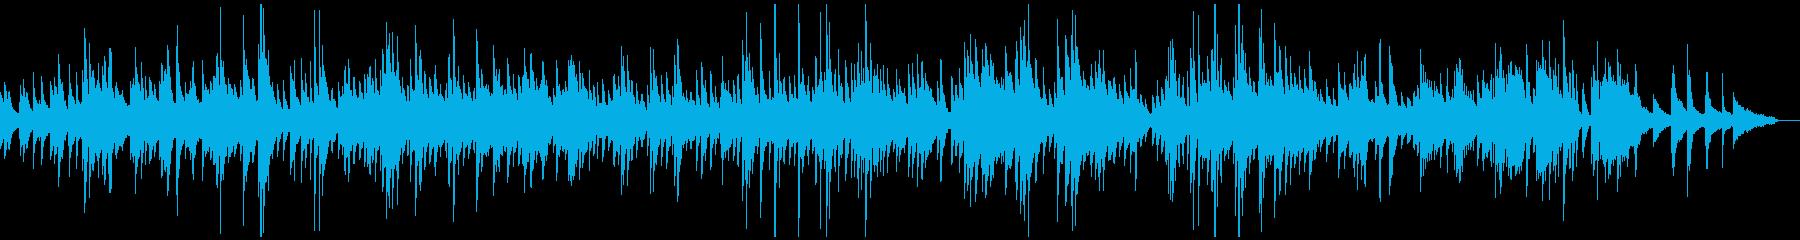 途絶え気味の哀愁あるフランス風ピアノの再生済みの波形